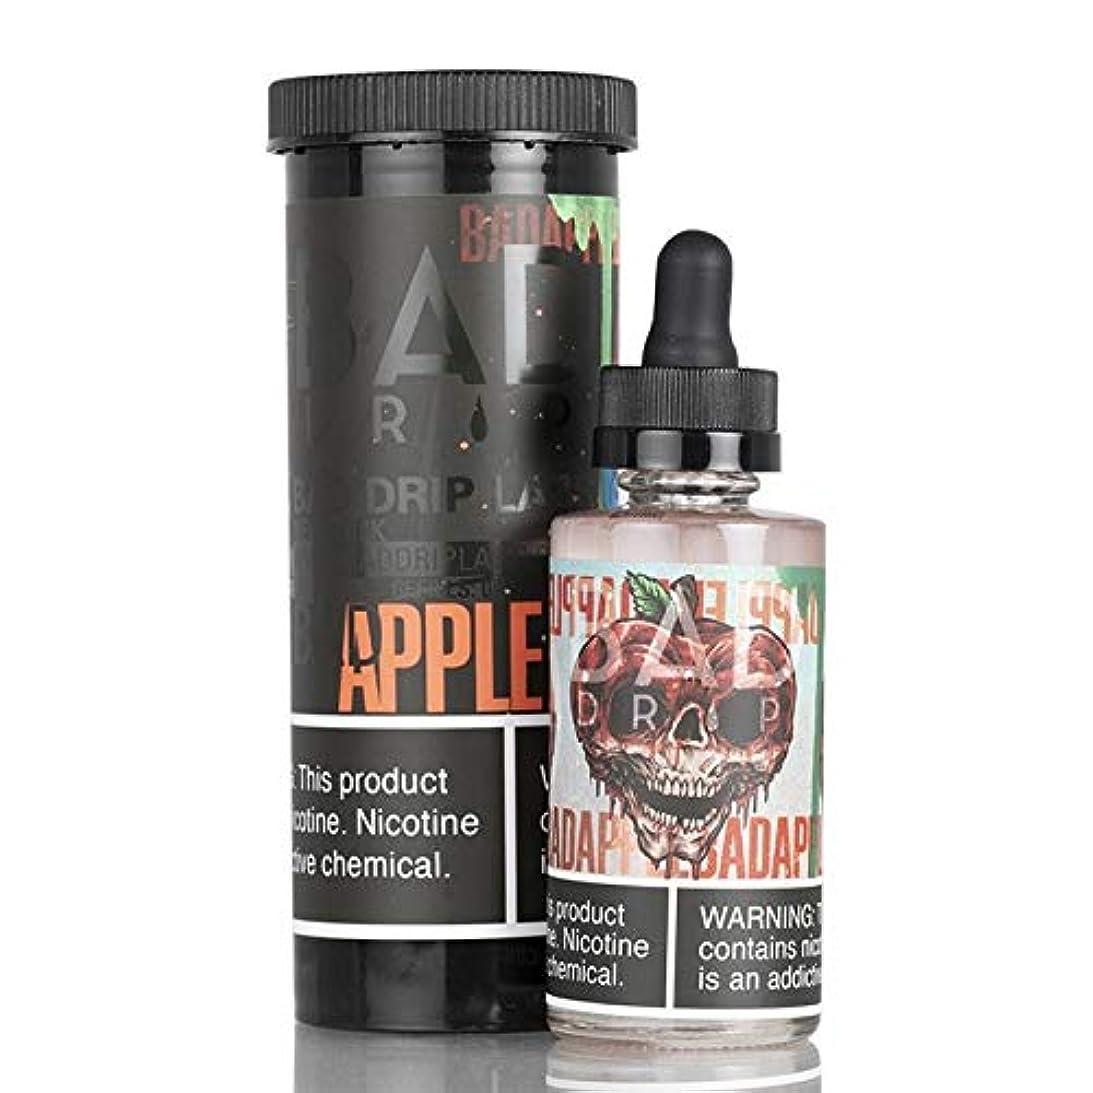 講義効能あるお手伝いさんBad Drip LAB電子タバコ用の液体 60ML - ニコチンなし (Bad Apple)